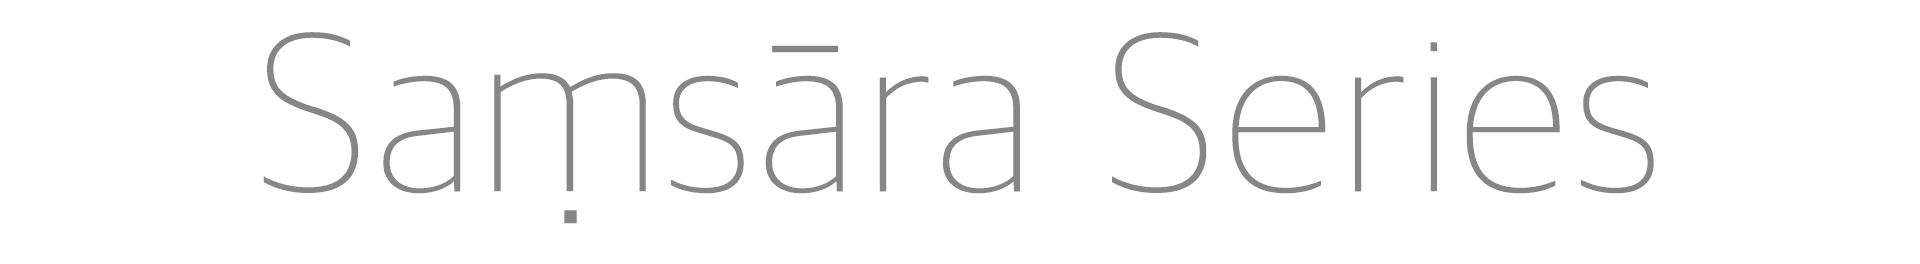 Samsara Series